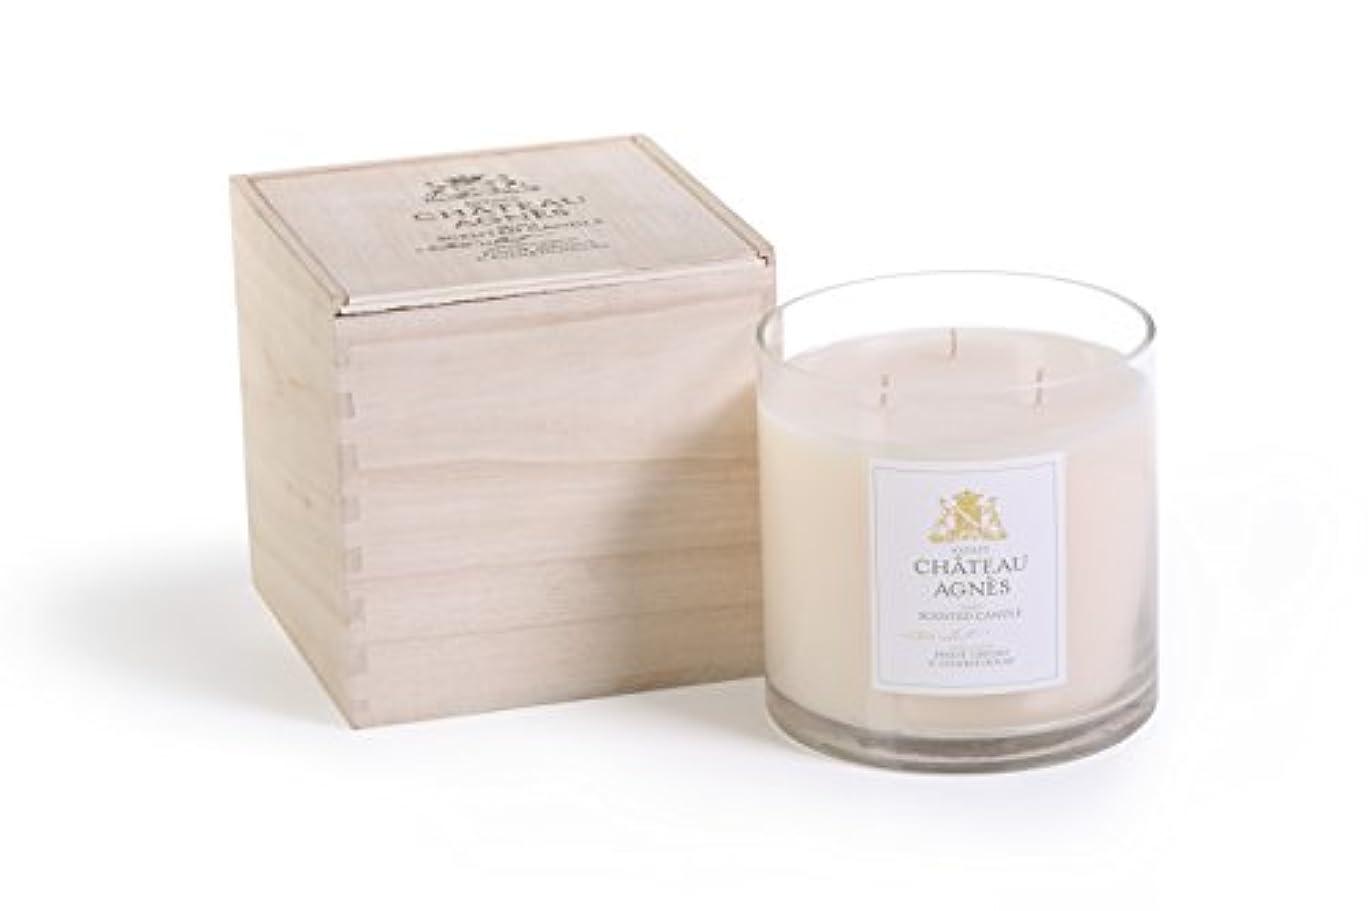 決して調停する送信するPinot Grigio & Chardonnay Scented 3- Wick Candle Jar